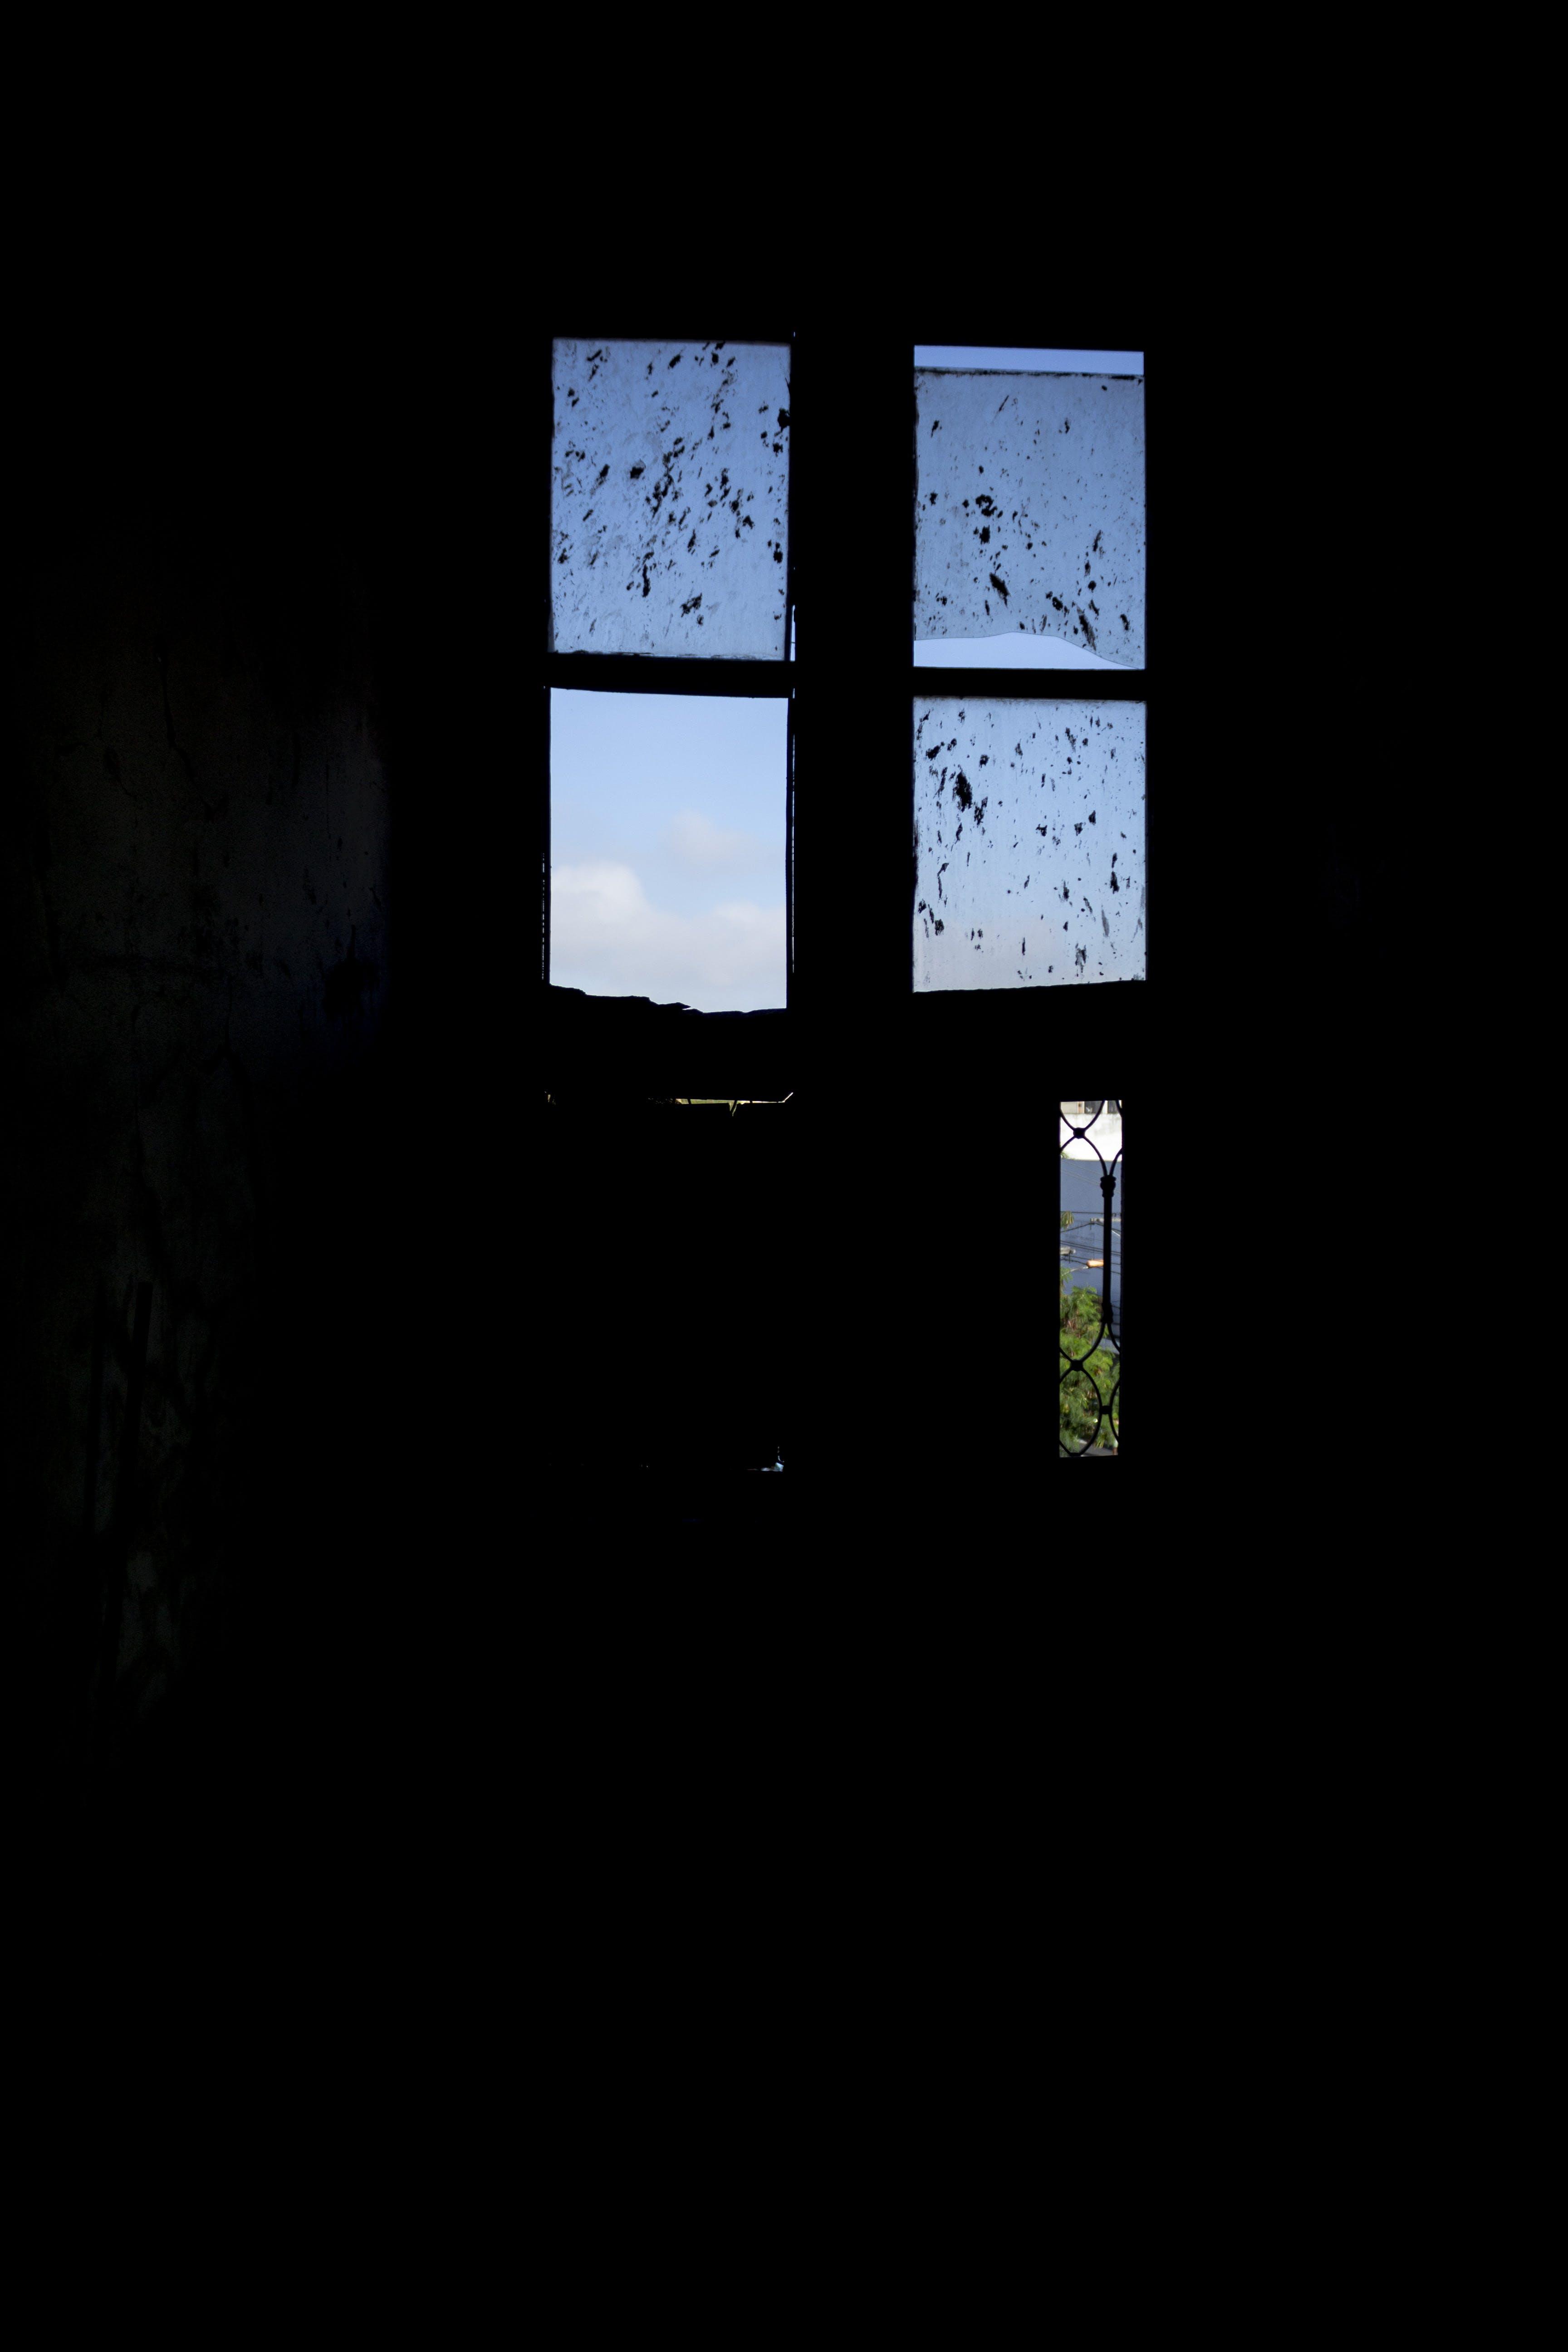 of church window, flight, freedom, glass window